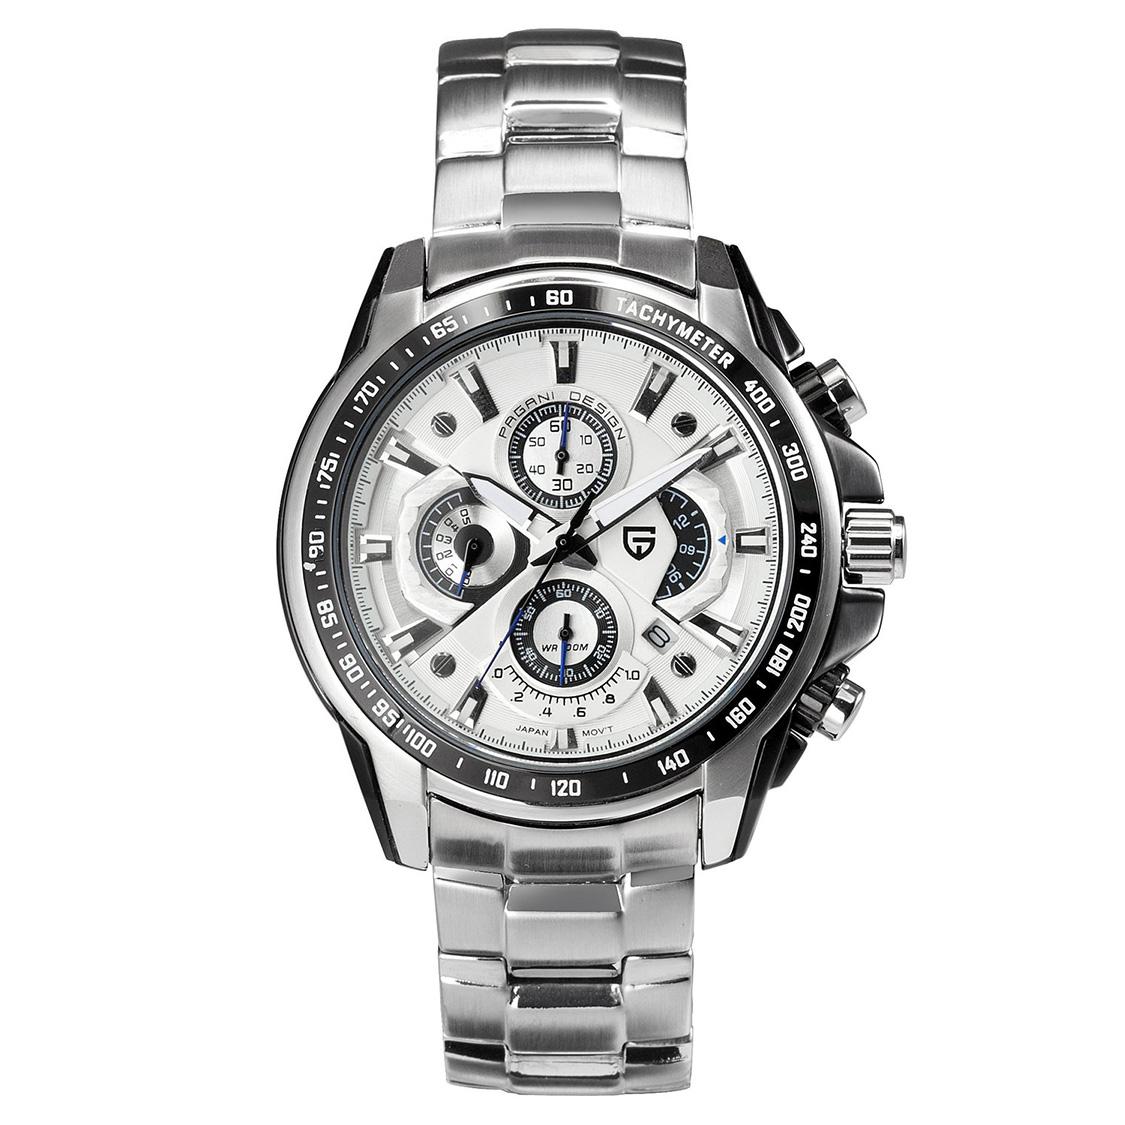 PAGANIDESIGN パガーニ クォーツ 腕時計 メンズ スポーツウォッチ [CX-0005] 並行輸入品 メーカー保証12ヶ月&純正ケース付き